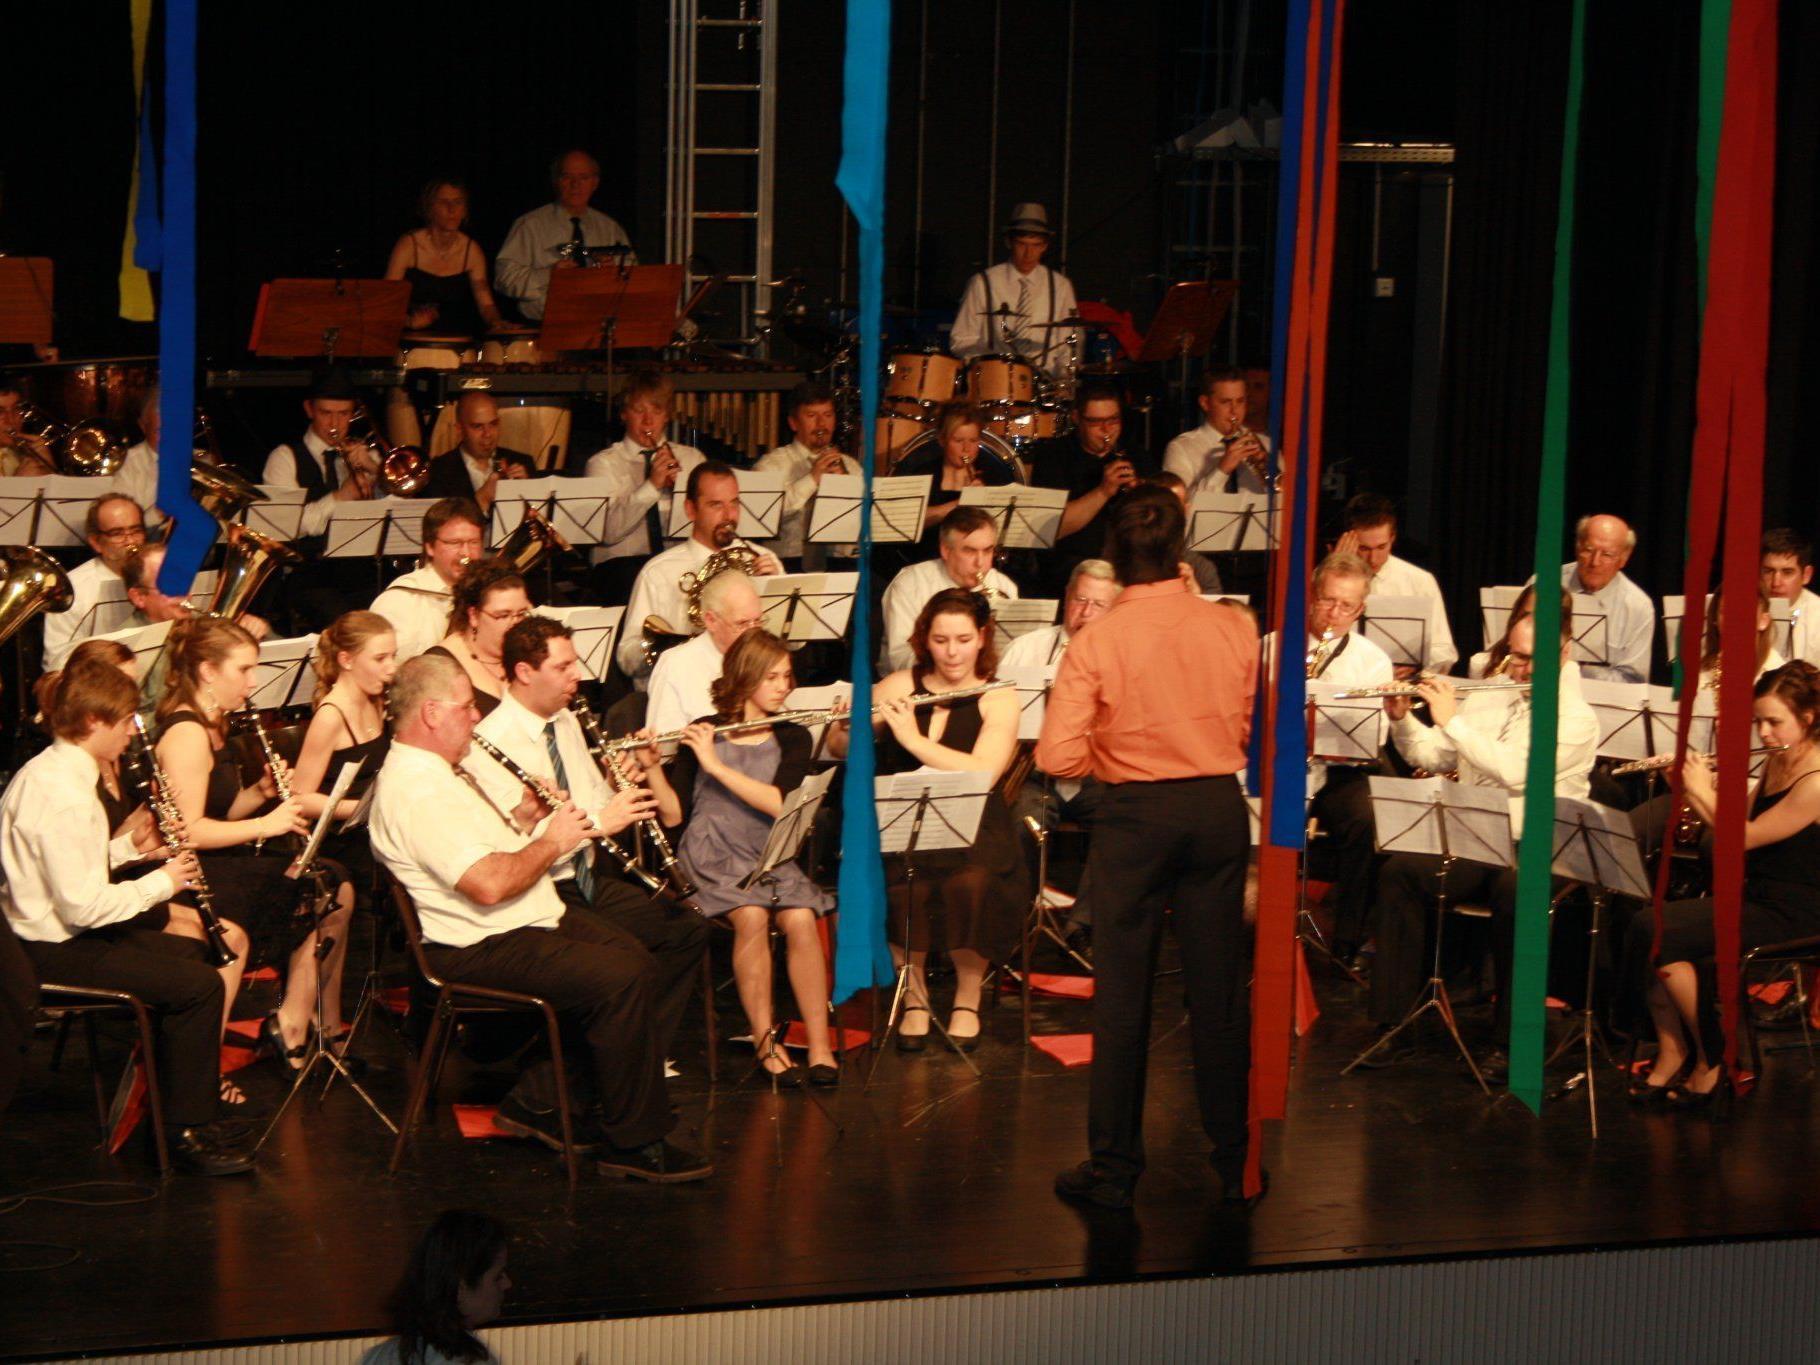 Flotte Rhythmen präsentierte die Bürgermusik Hohenems beim Ball.